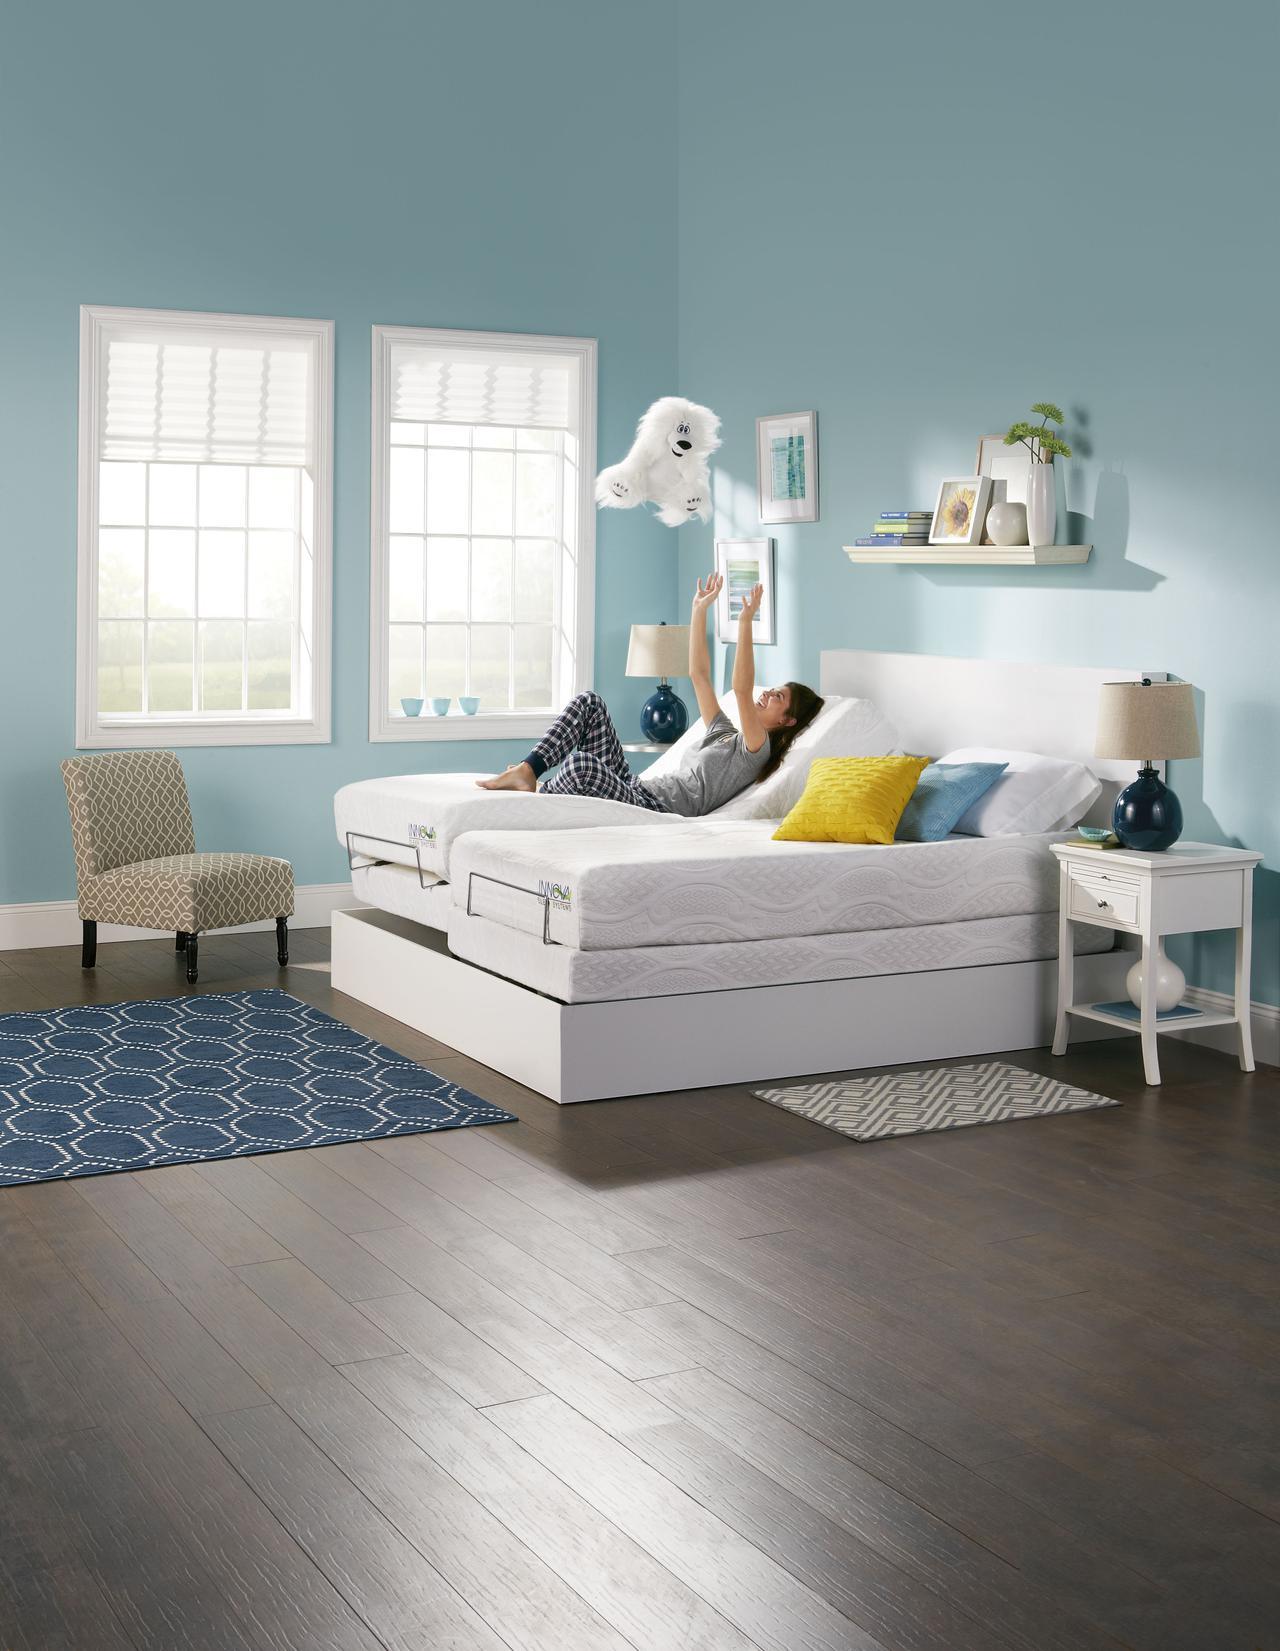 Innova Sleep Systems creates luxurious, memorable sleep on state-of-the-art adjustable beds